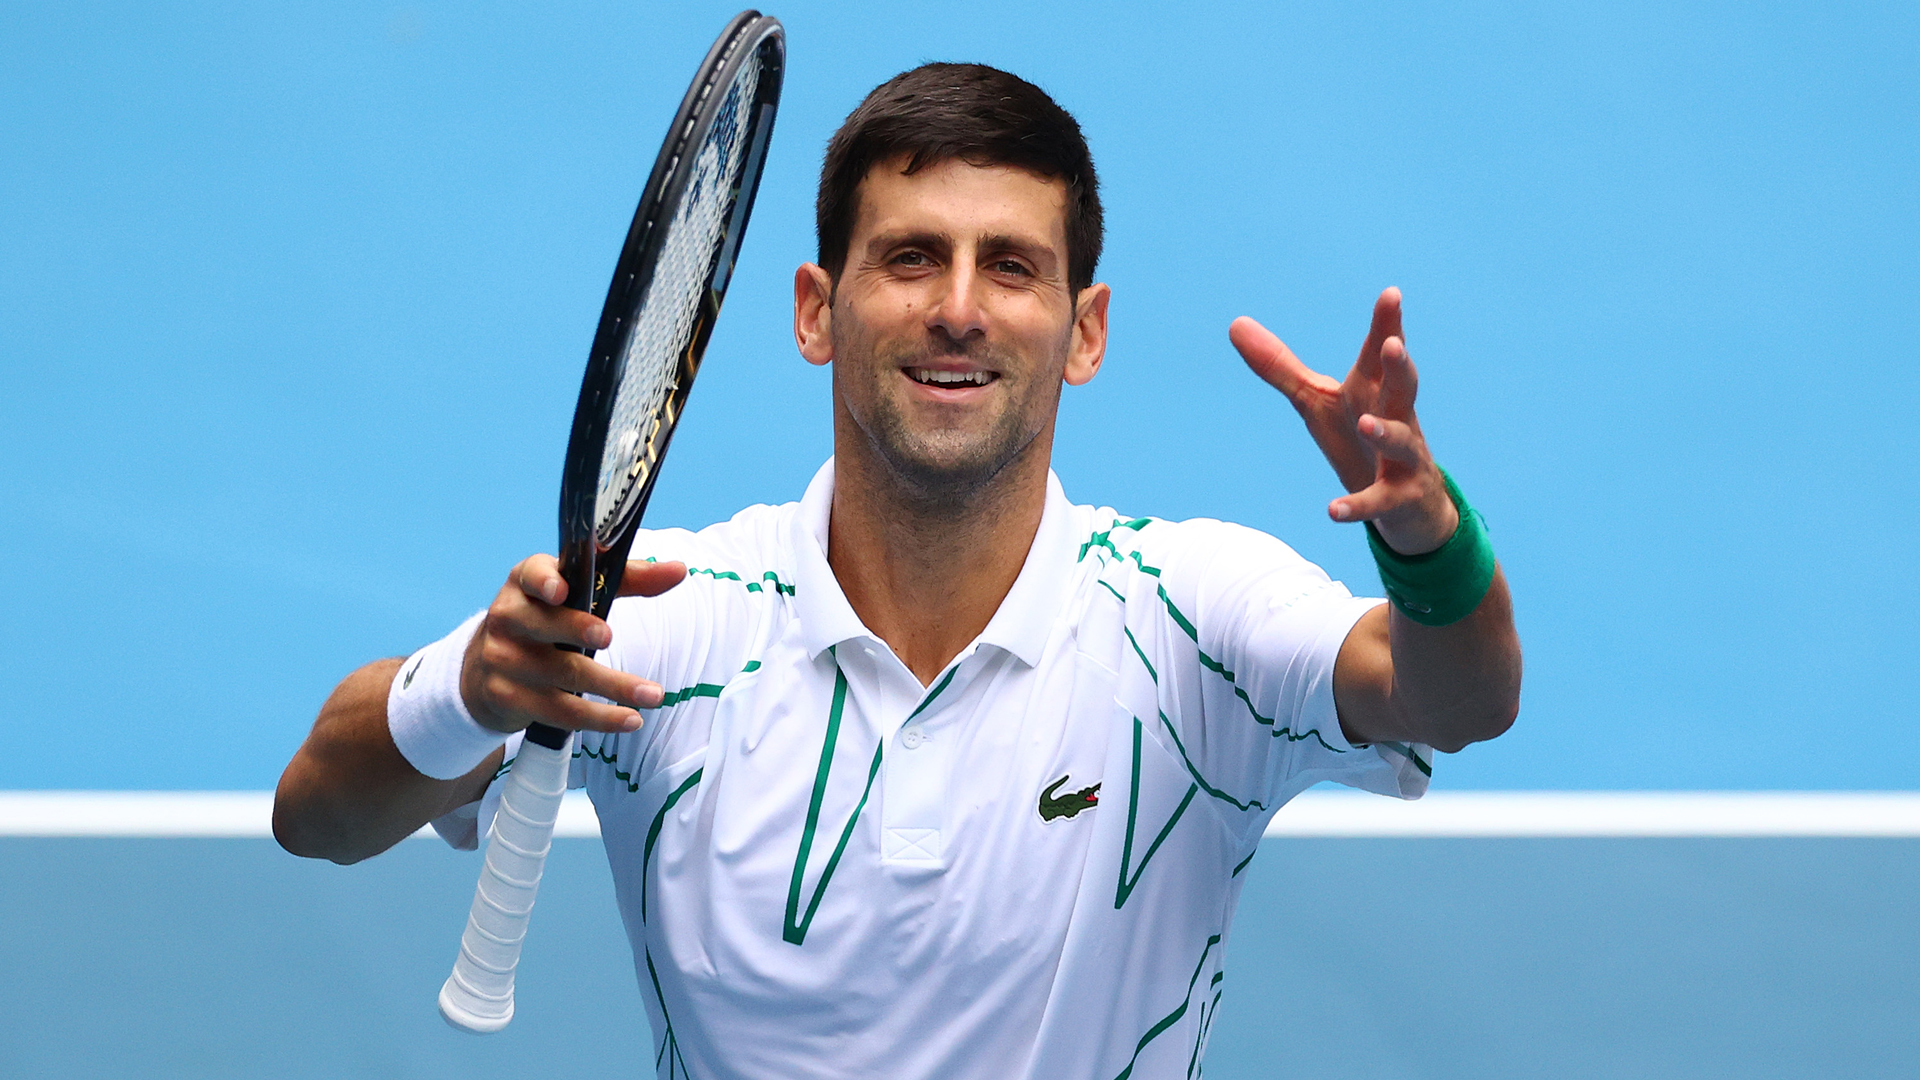 Australian Open 2020: Djokovic offers Krajinovic advice ahead of Federer clash